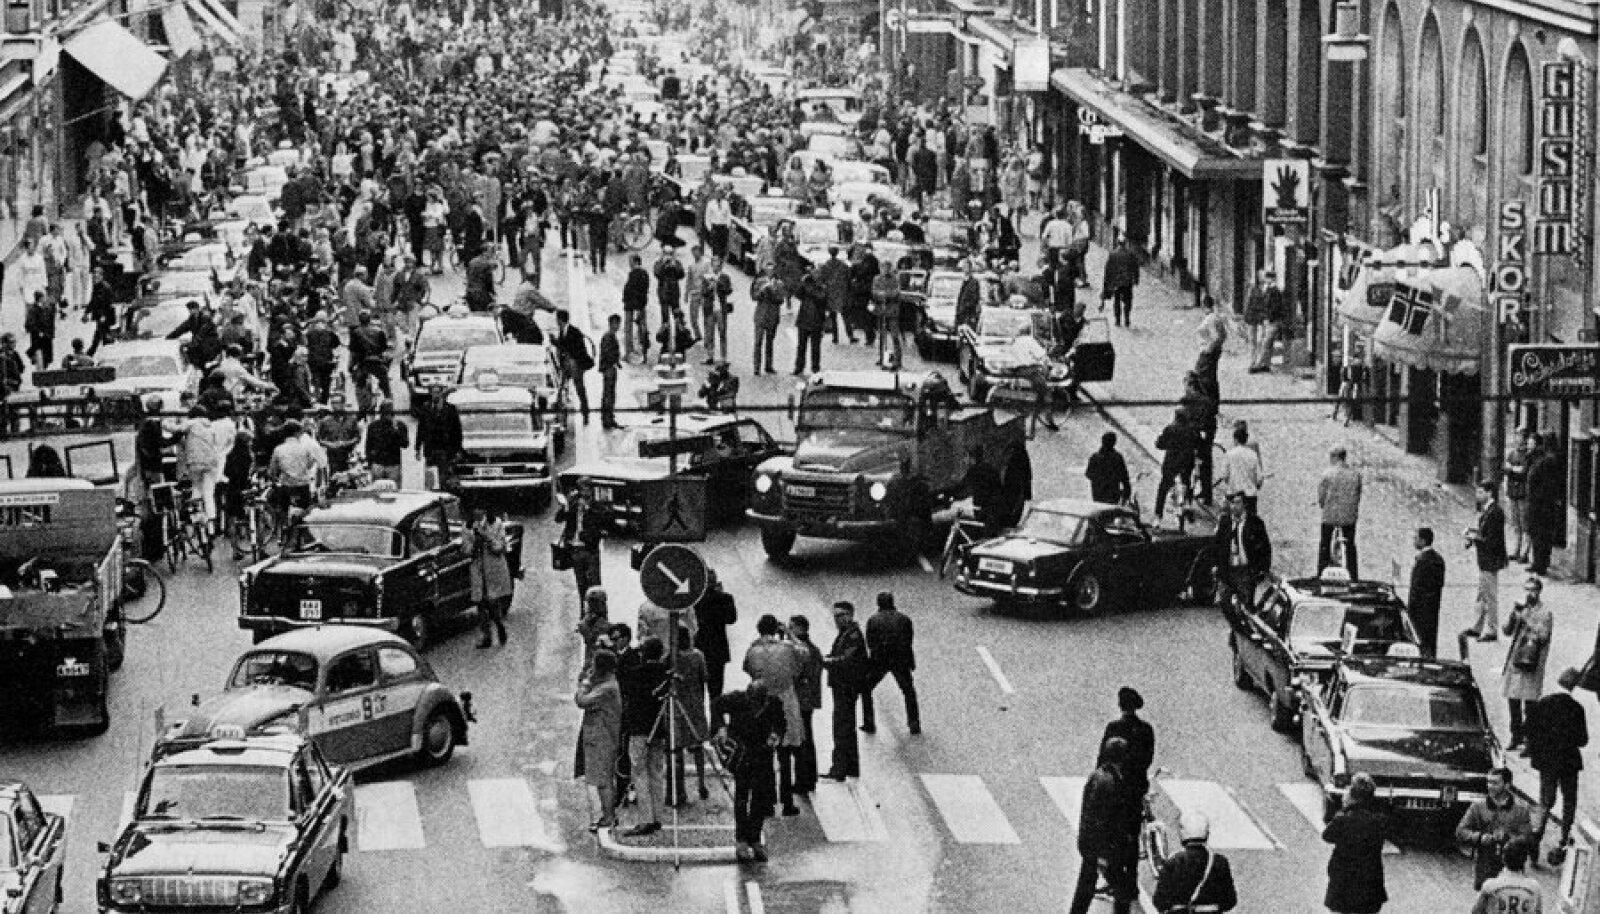 Kungsgatan Stockholmis 1967, päeval, mil teepoolt tuli vahetada.